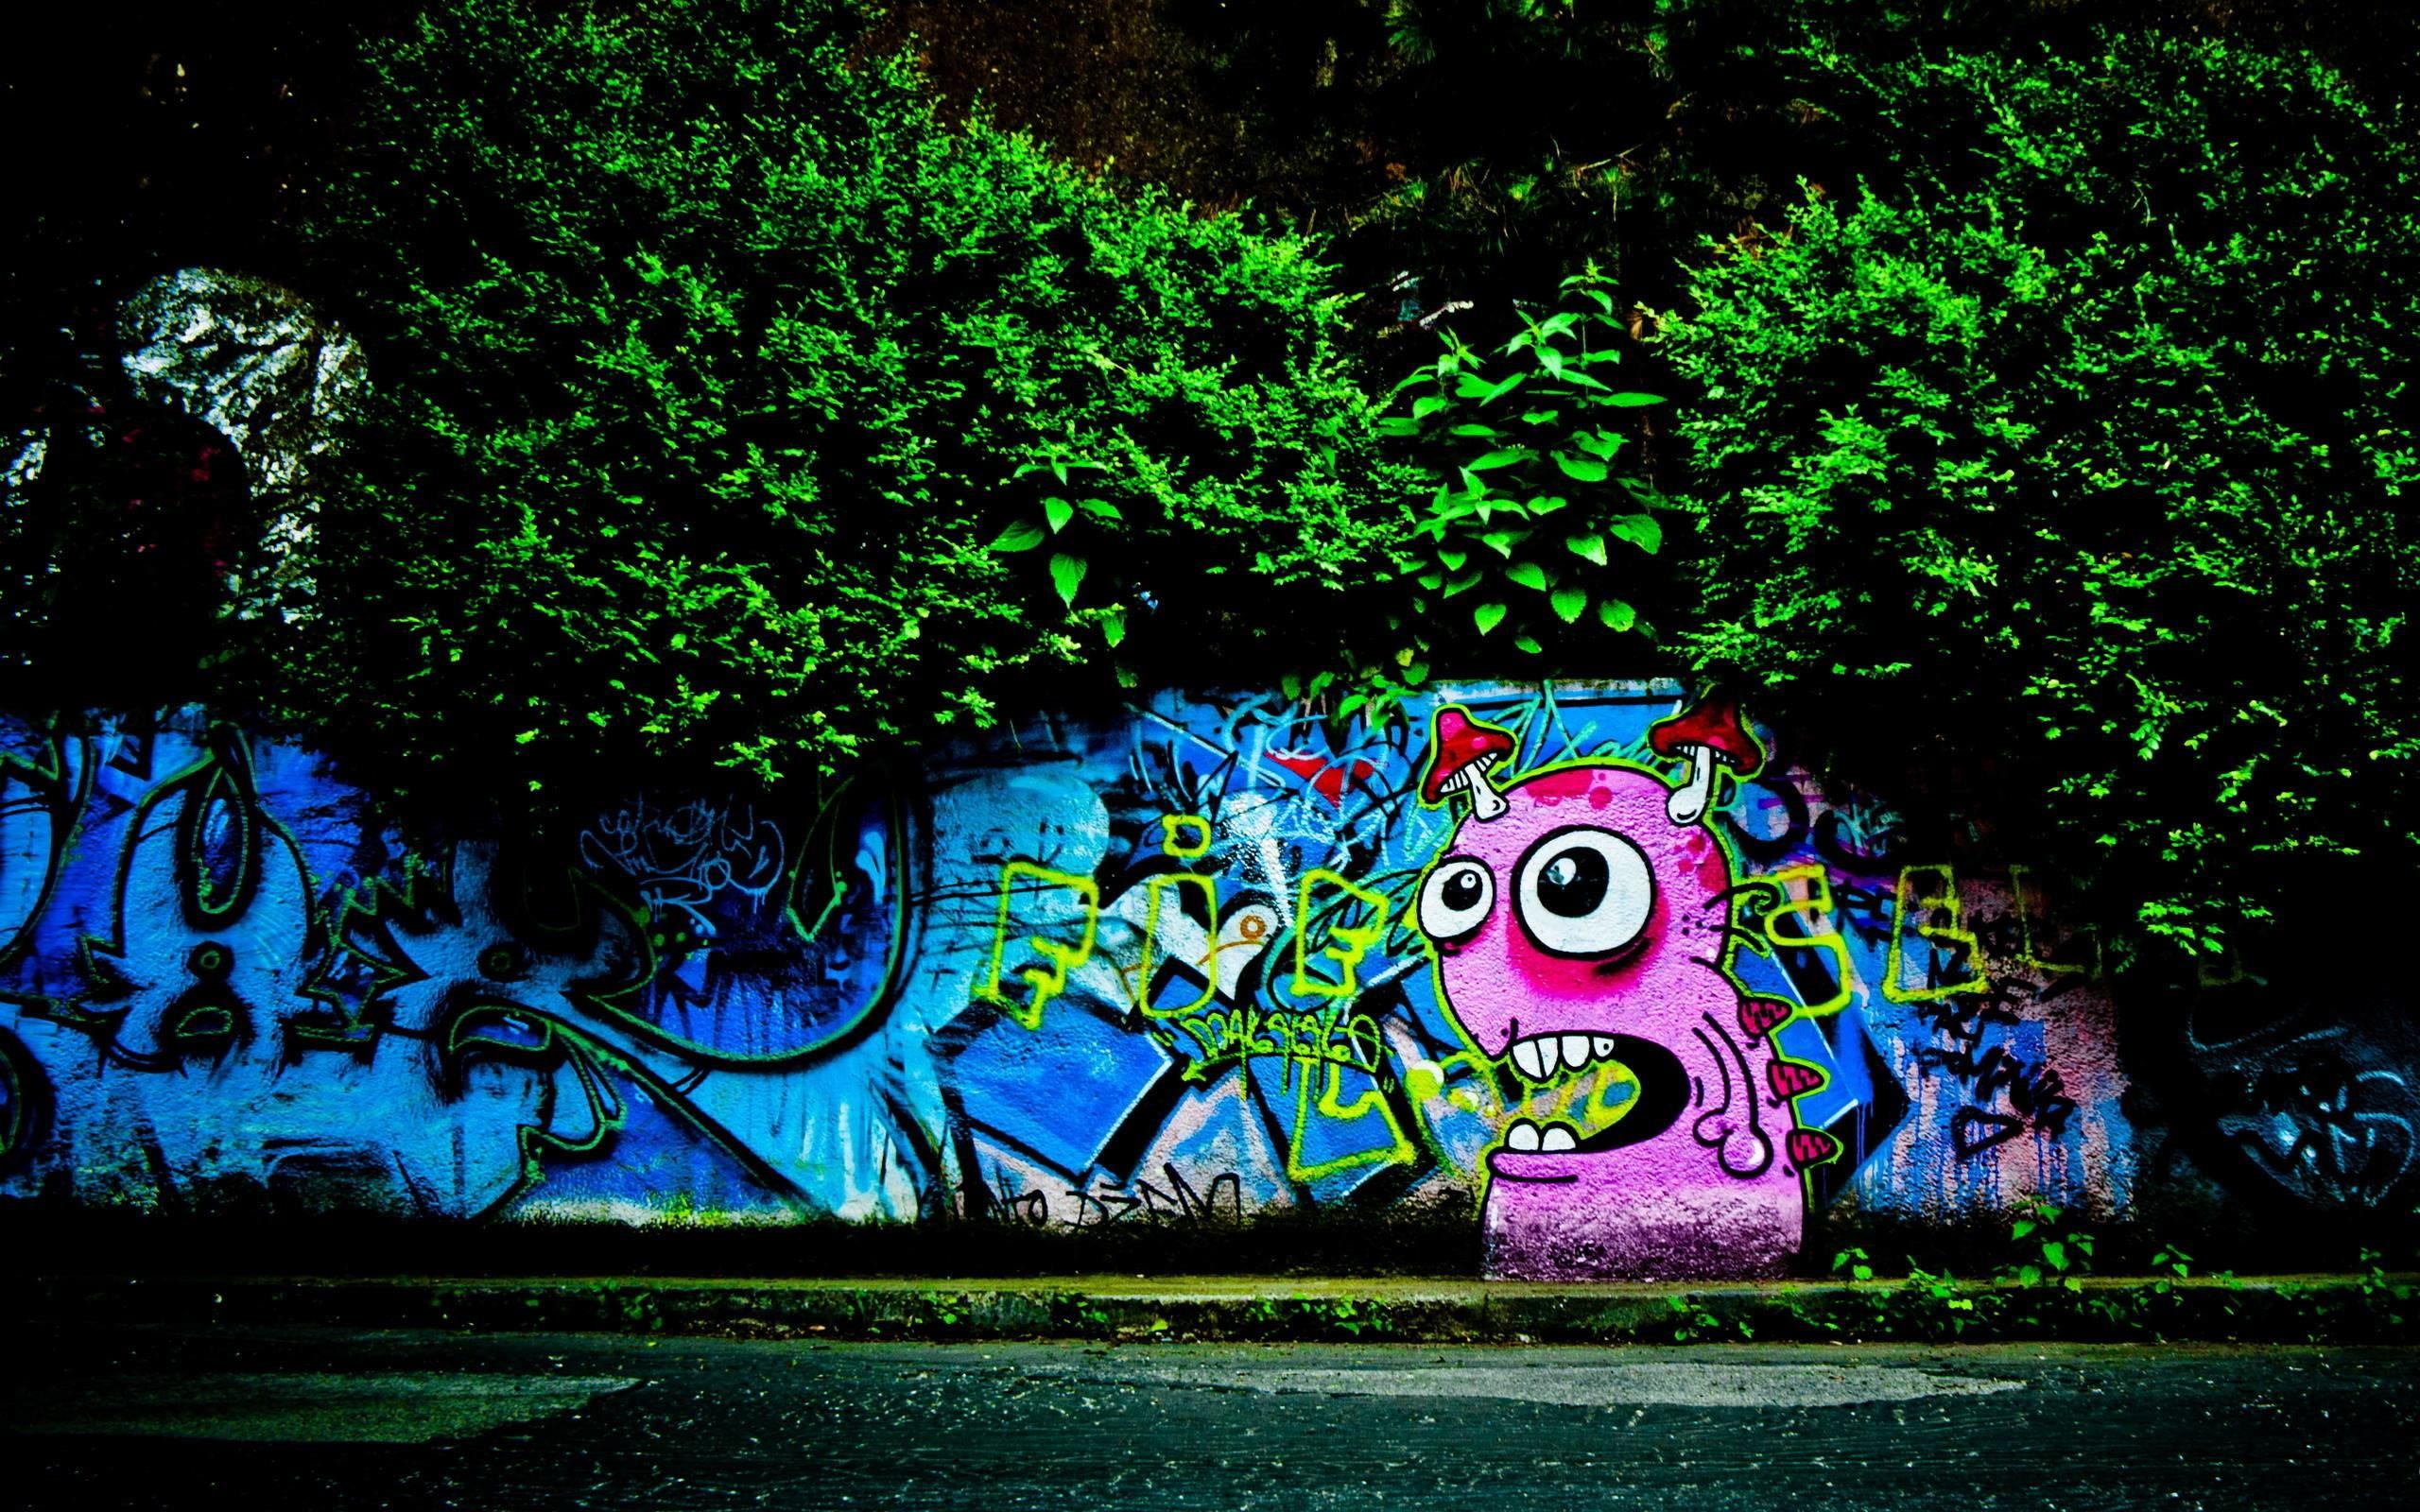 Graffiti Wallpaper Ipad Iphone HD 1080p #8507 Wallpaper .